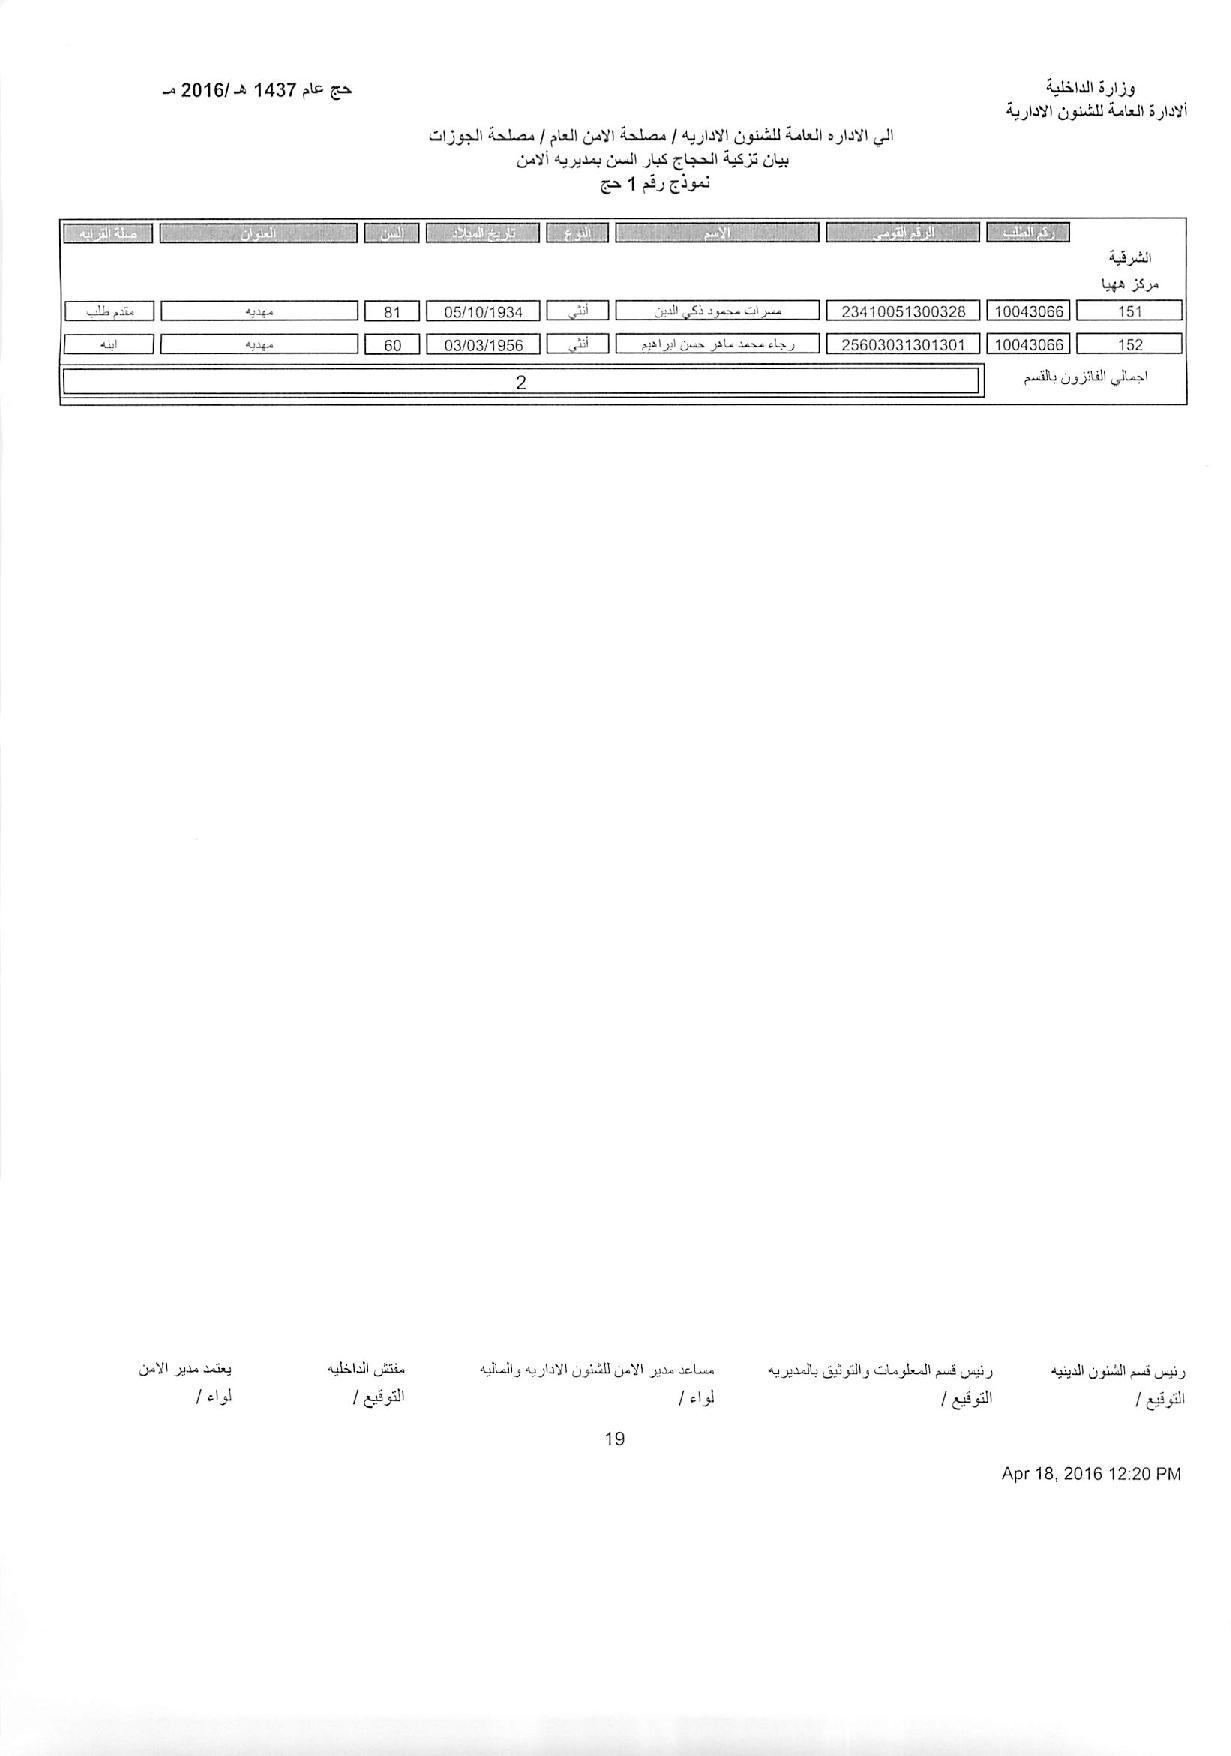 اسماء الحجاج الفائزون بالقرعة لعام 1437هـ 2016م (21)